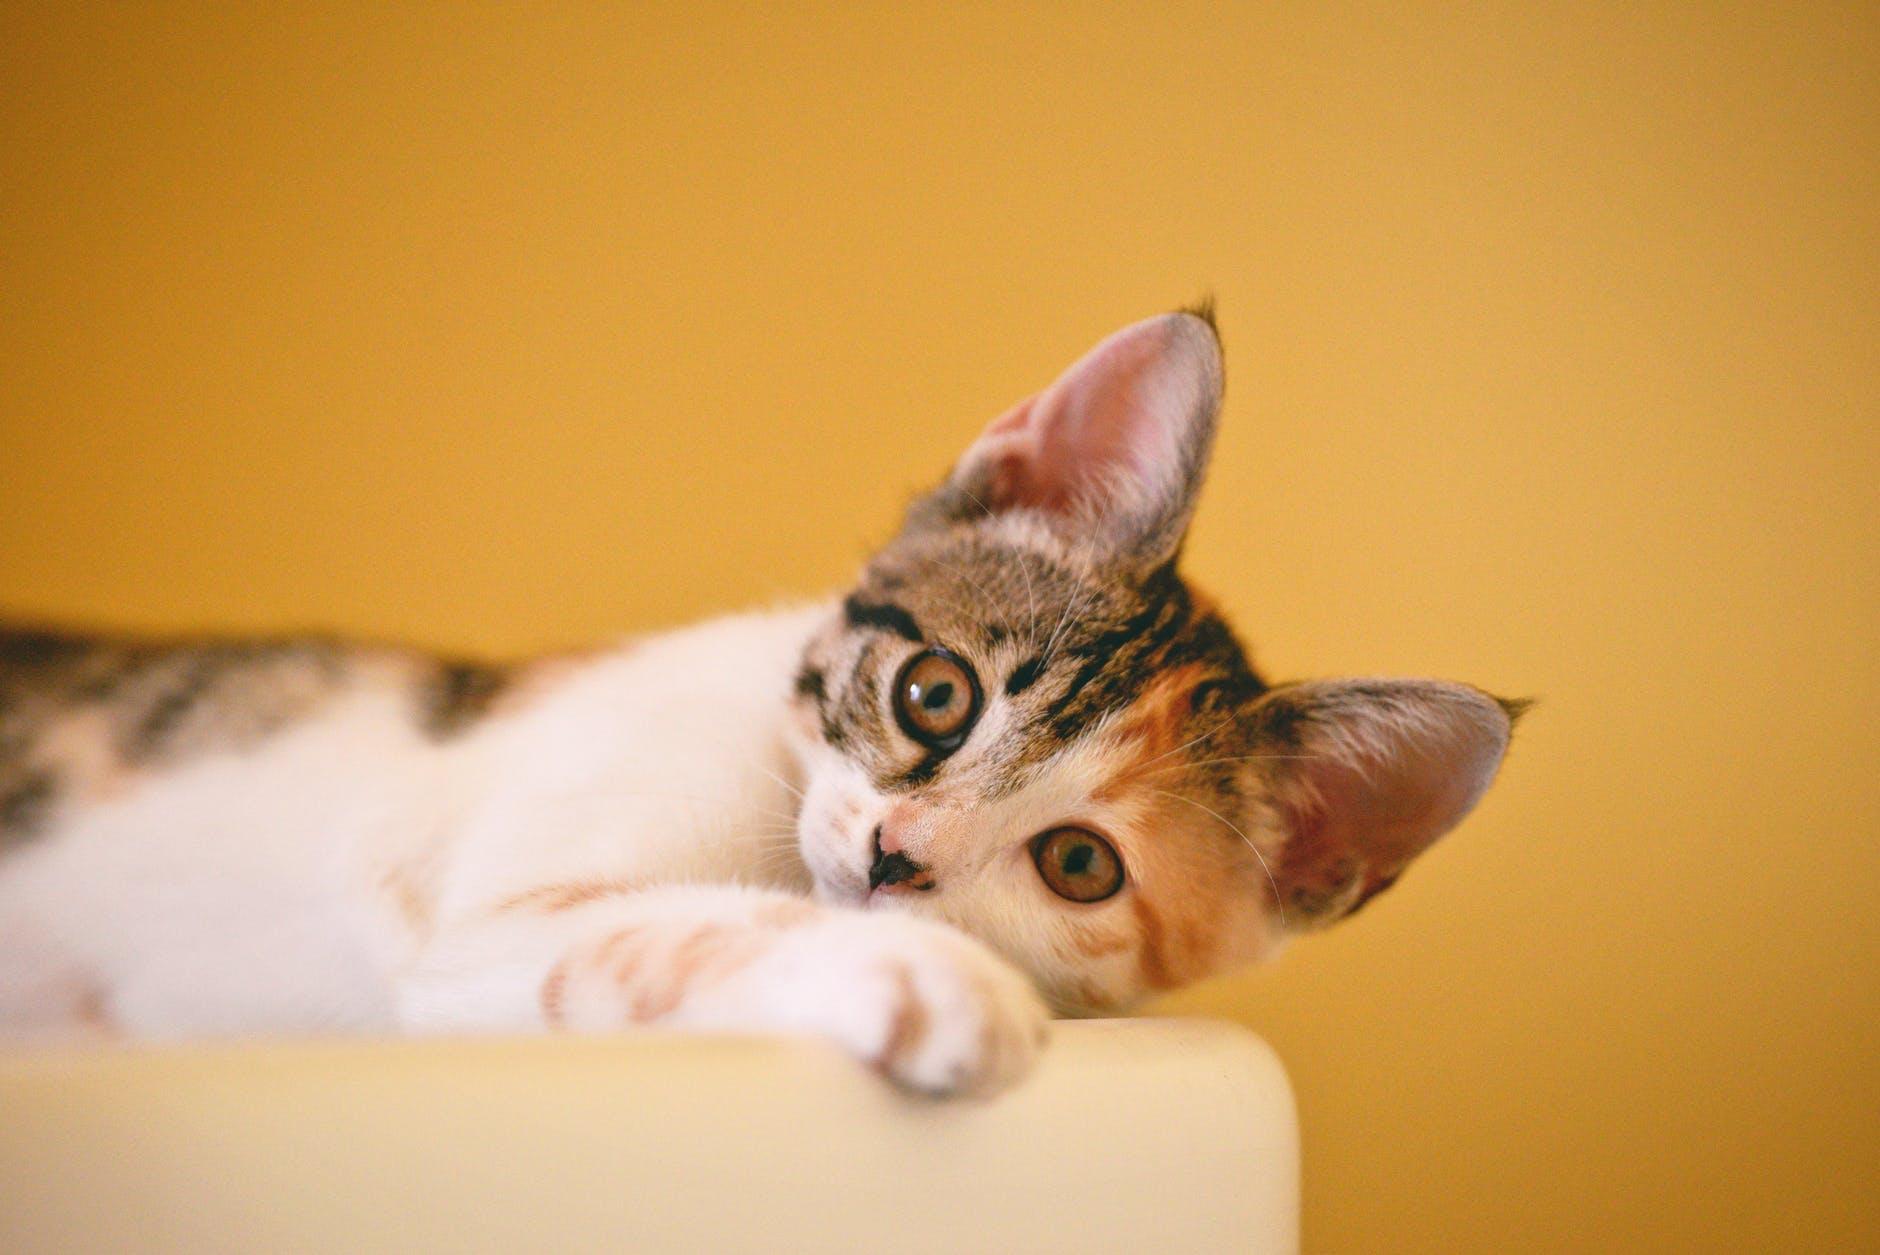 calico cat on focus photo